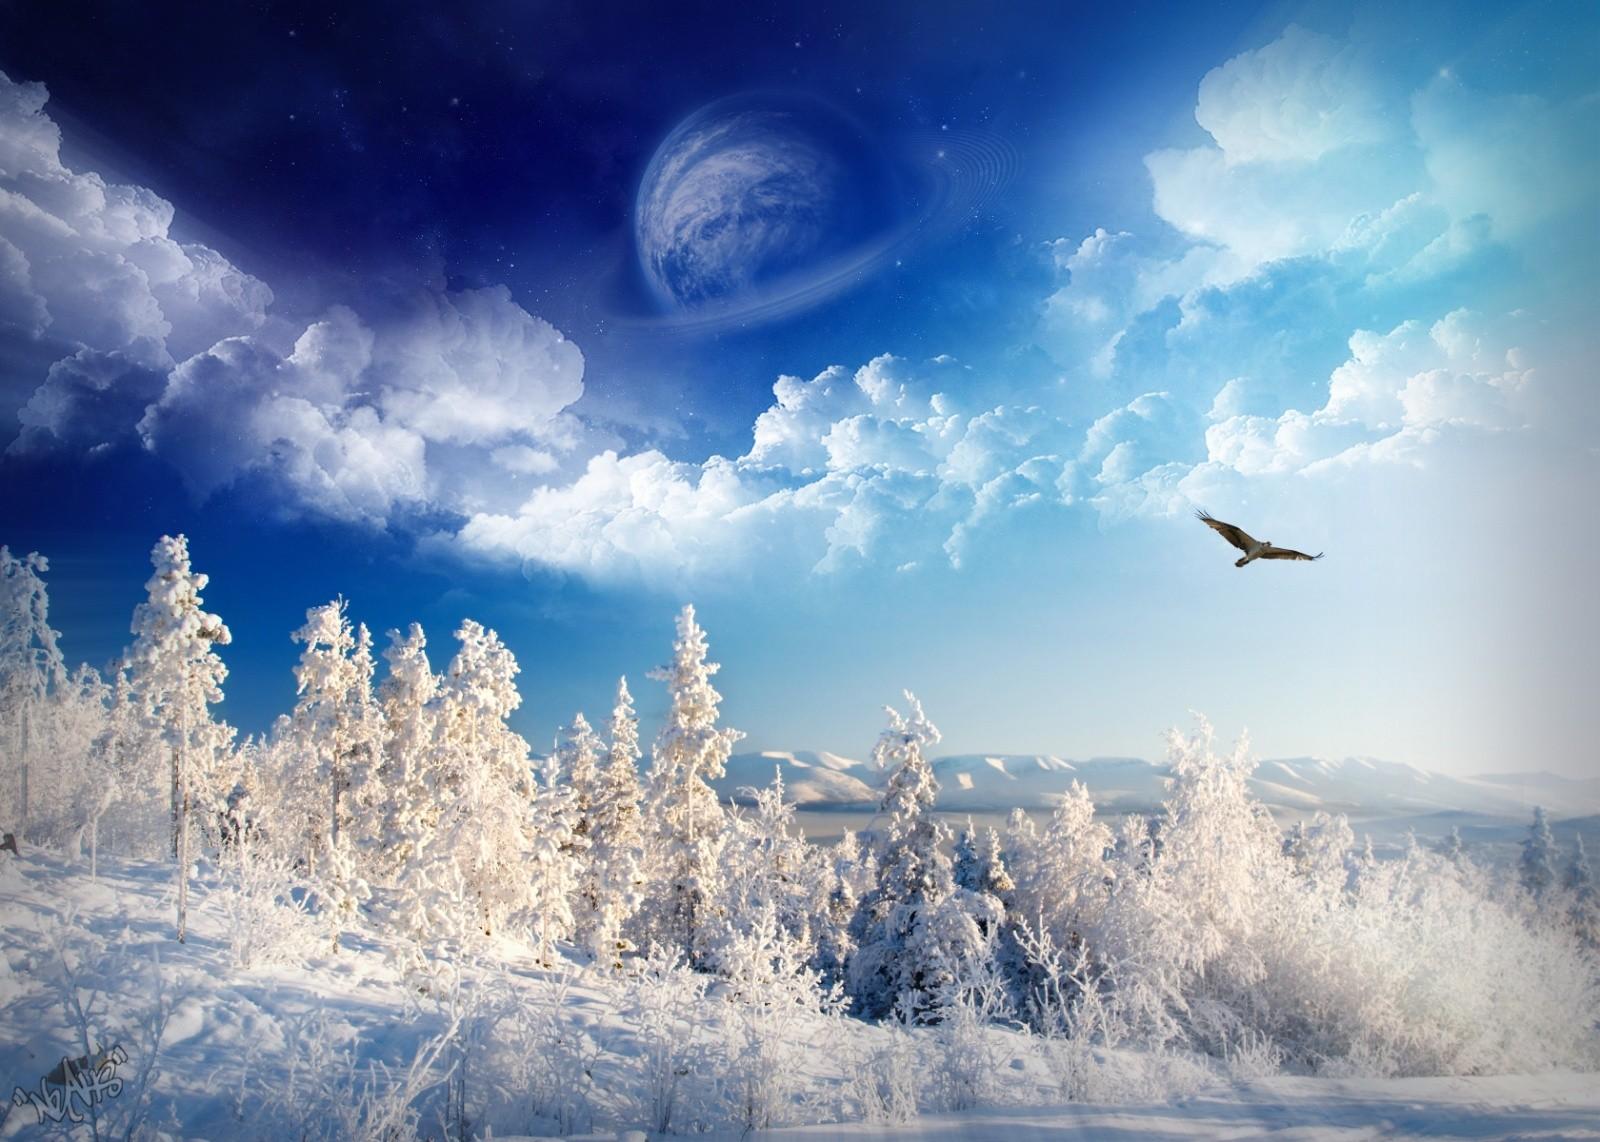 デスクトップ壁紙 日光 風景 自然 空 雪 冬 宇宙美術 霜